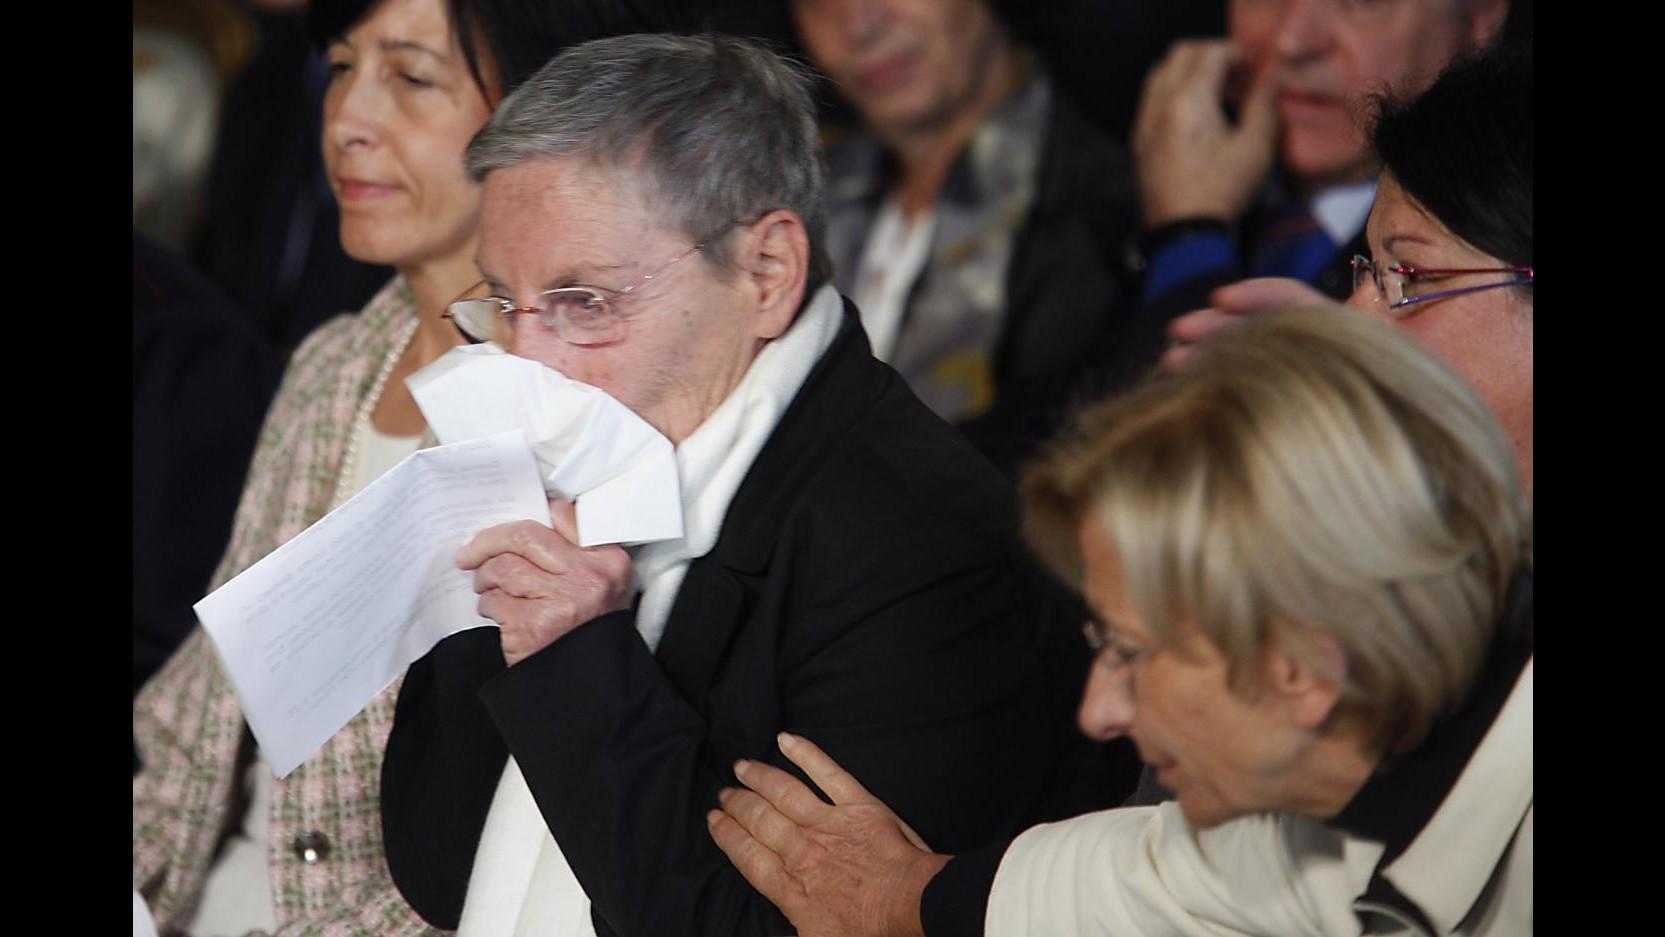 Ustica, Corte Appello Palermo: Un missile causò la strage